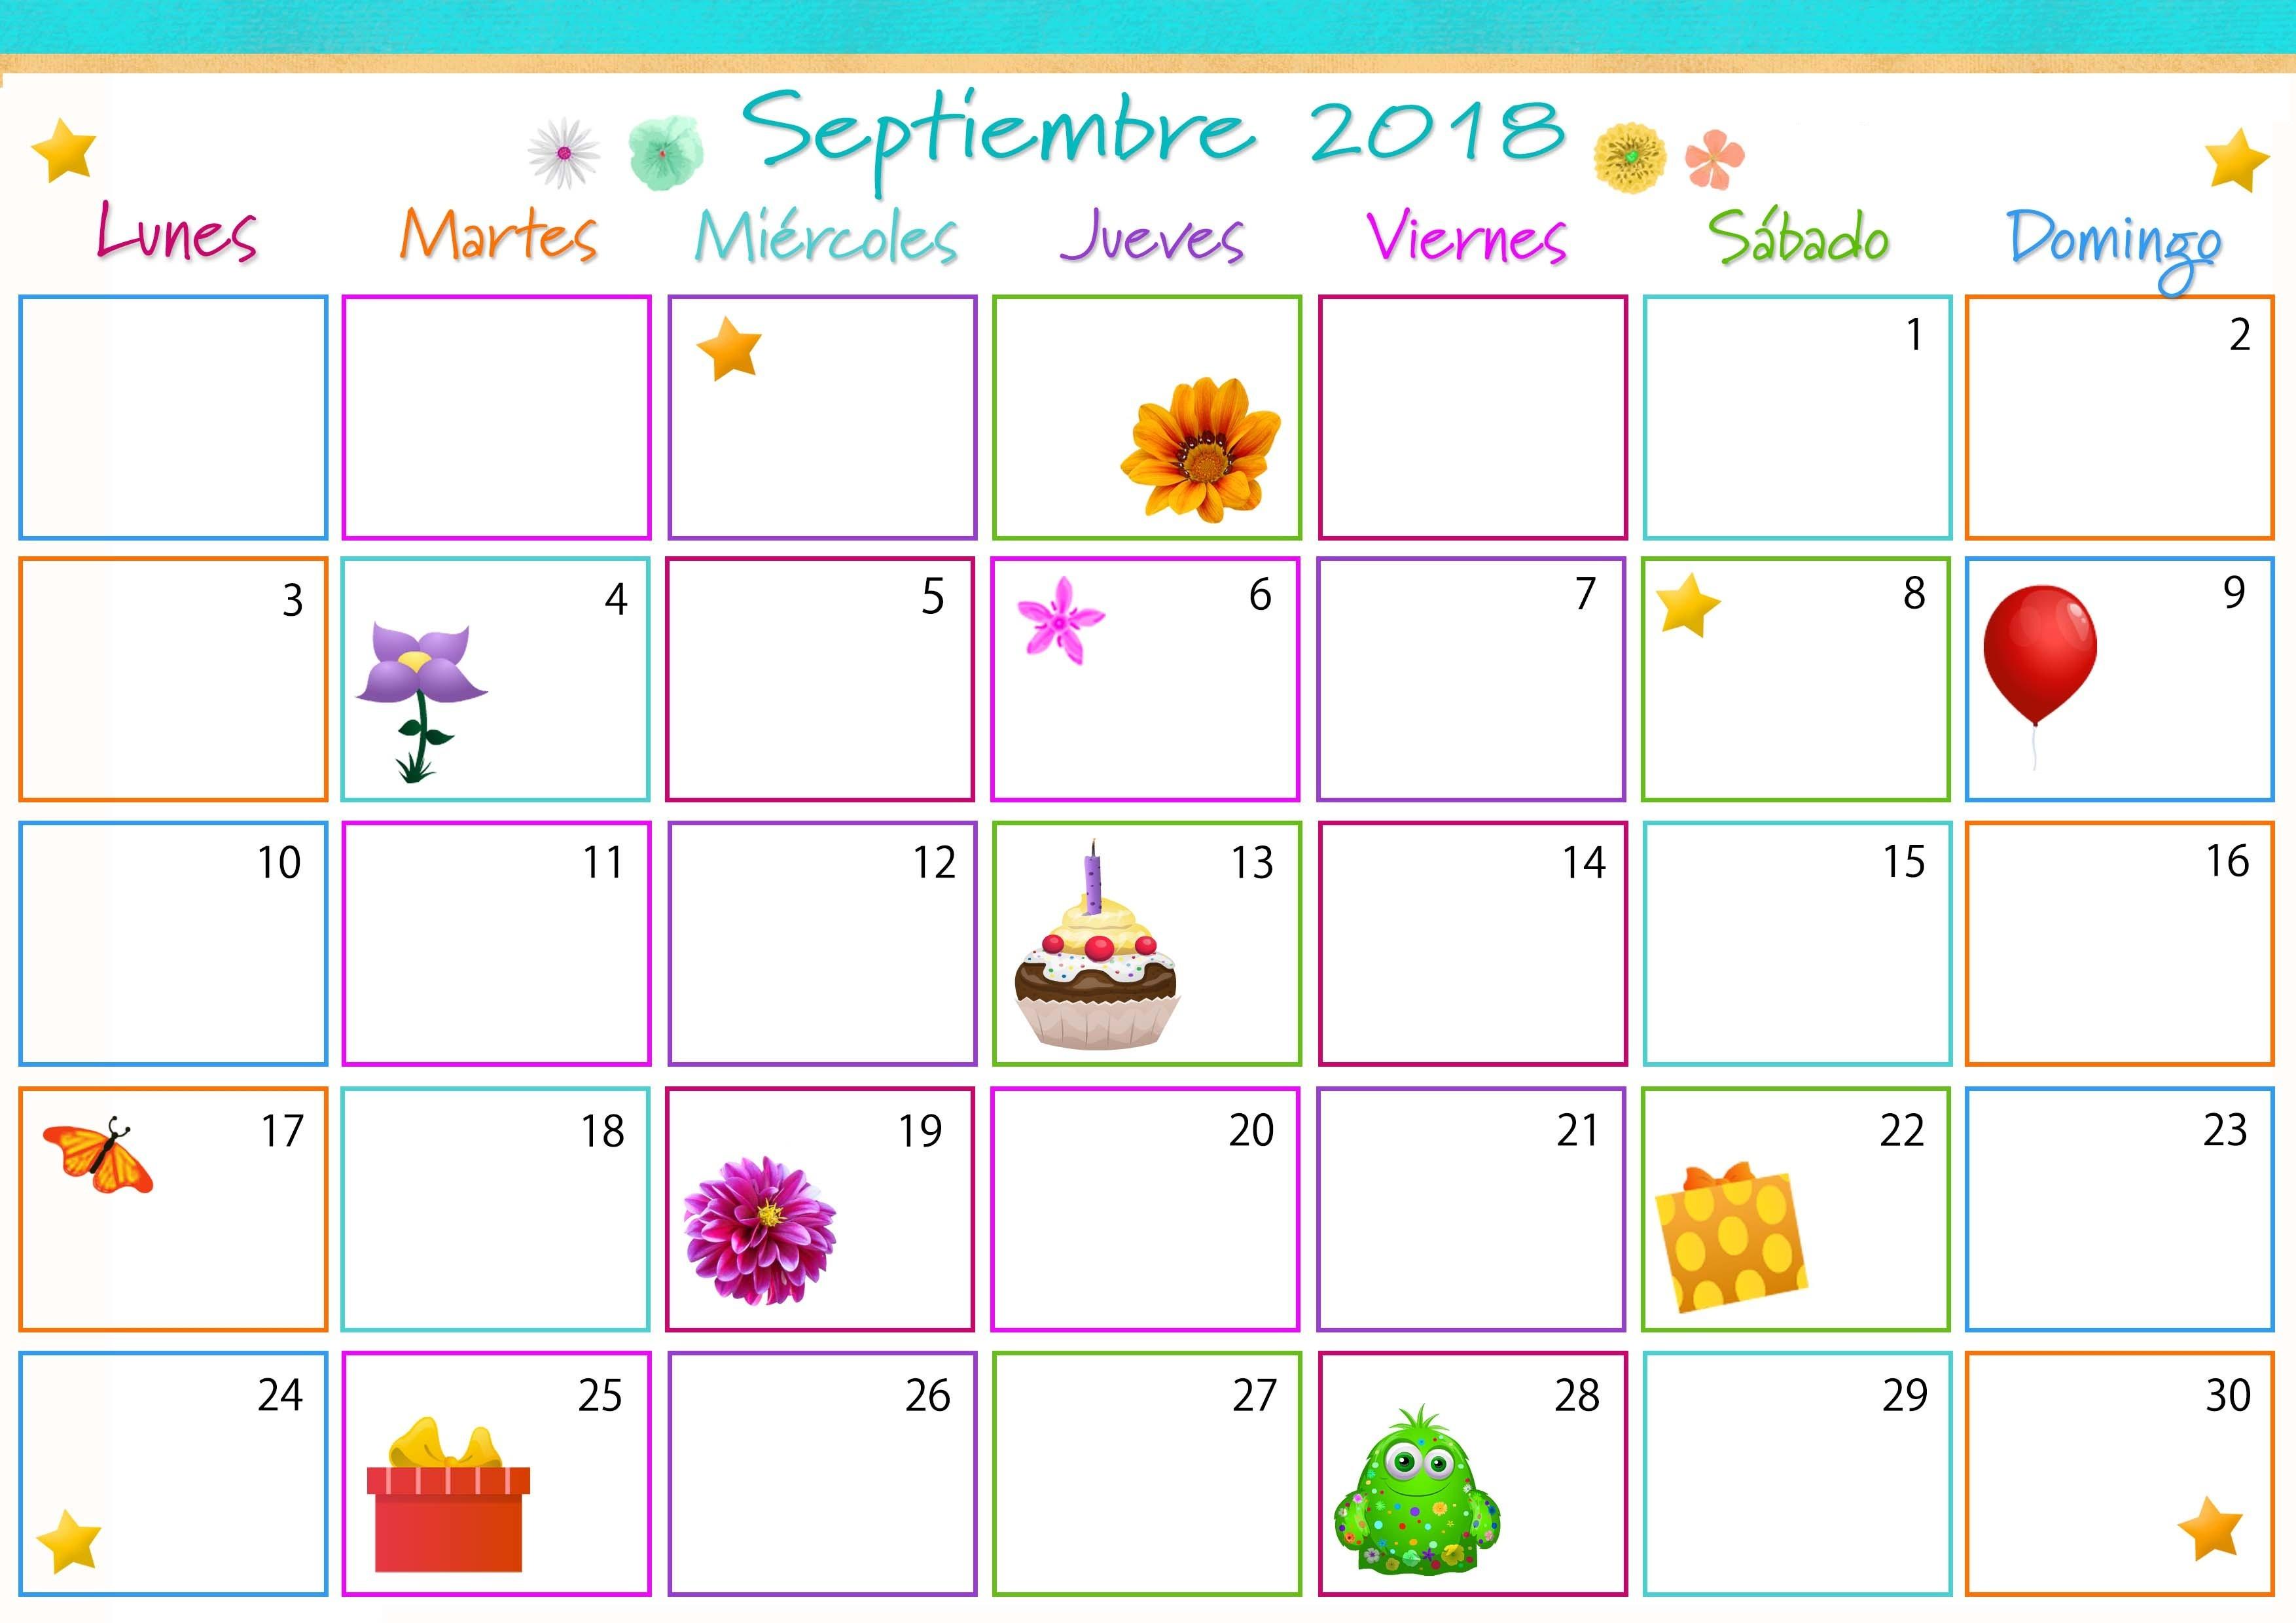 Calendario En Blanco Para Imprimir Diciembre 2017 Más Populares Calendario Para Imprimir Of Calendario En Blanco Para Imprimir Diciembre 2017 Más Actual Fondo Rosa Celeste R V Bello En 2018 Pinterest